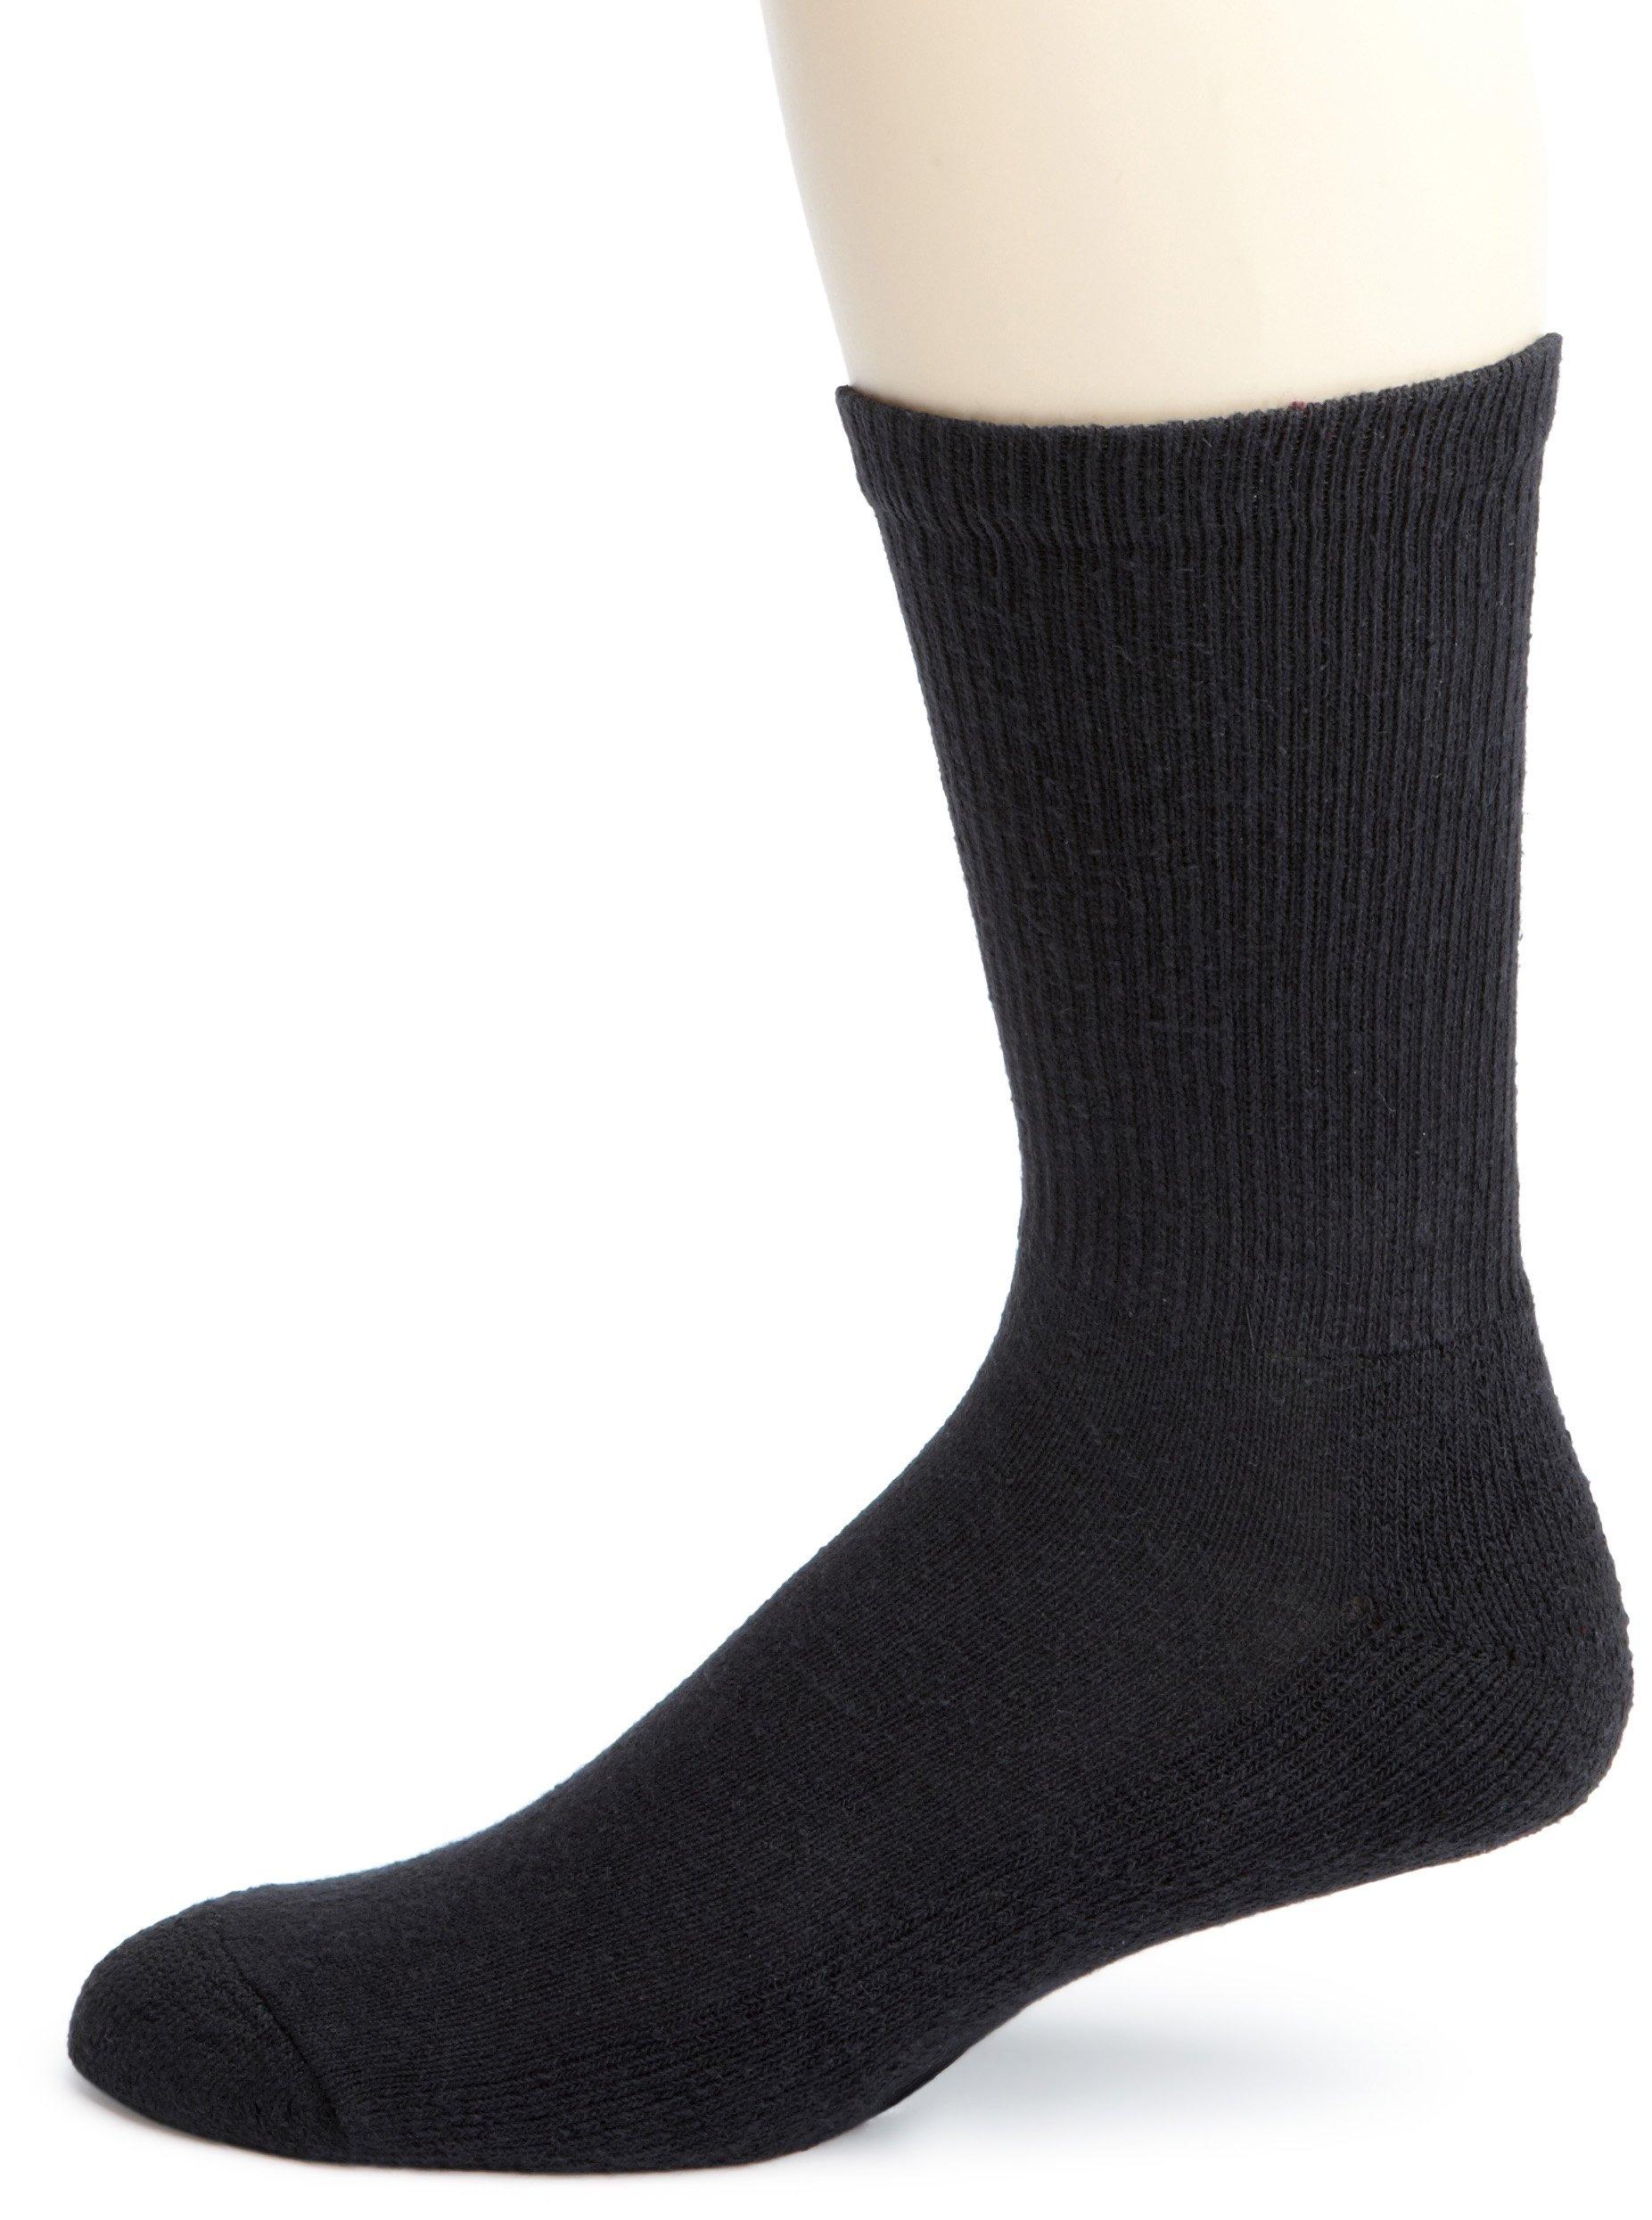 Champion Men's Crew Socks Black, 10-13 / Shoe: 6-12 (Pack of 6)